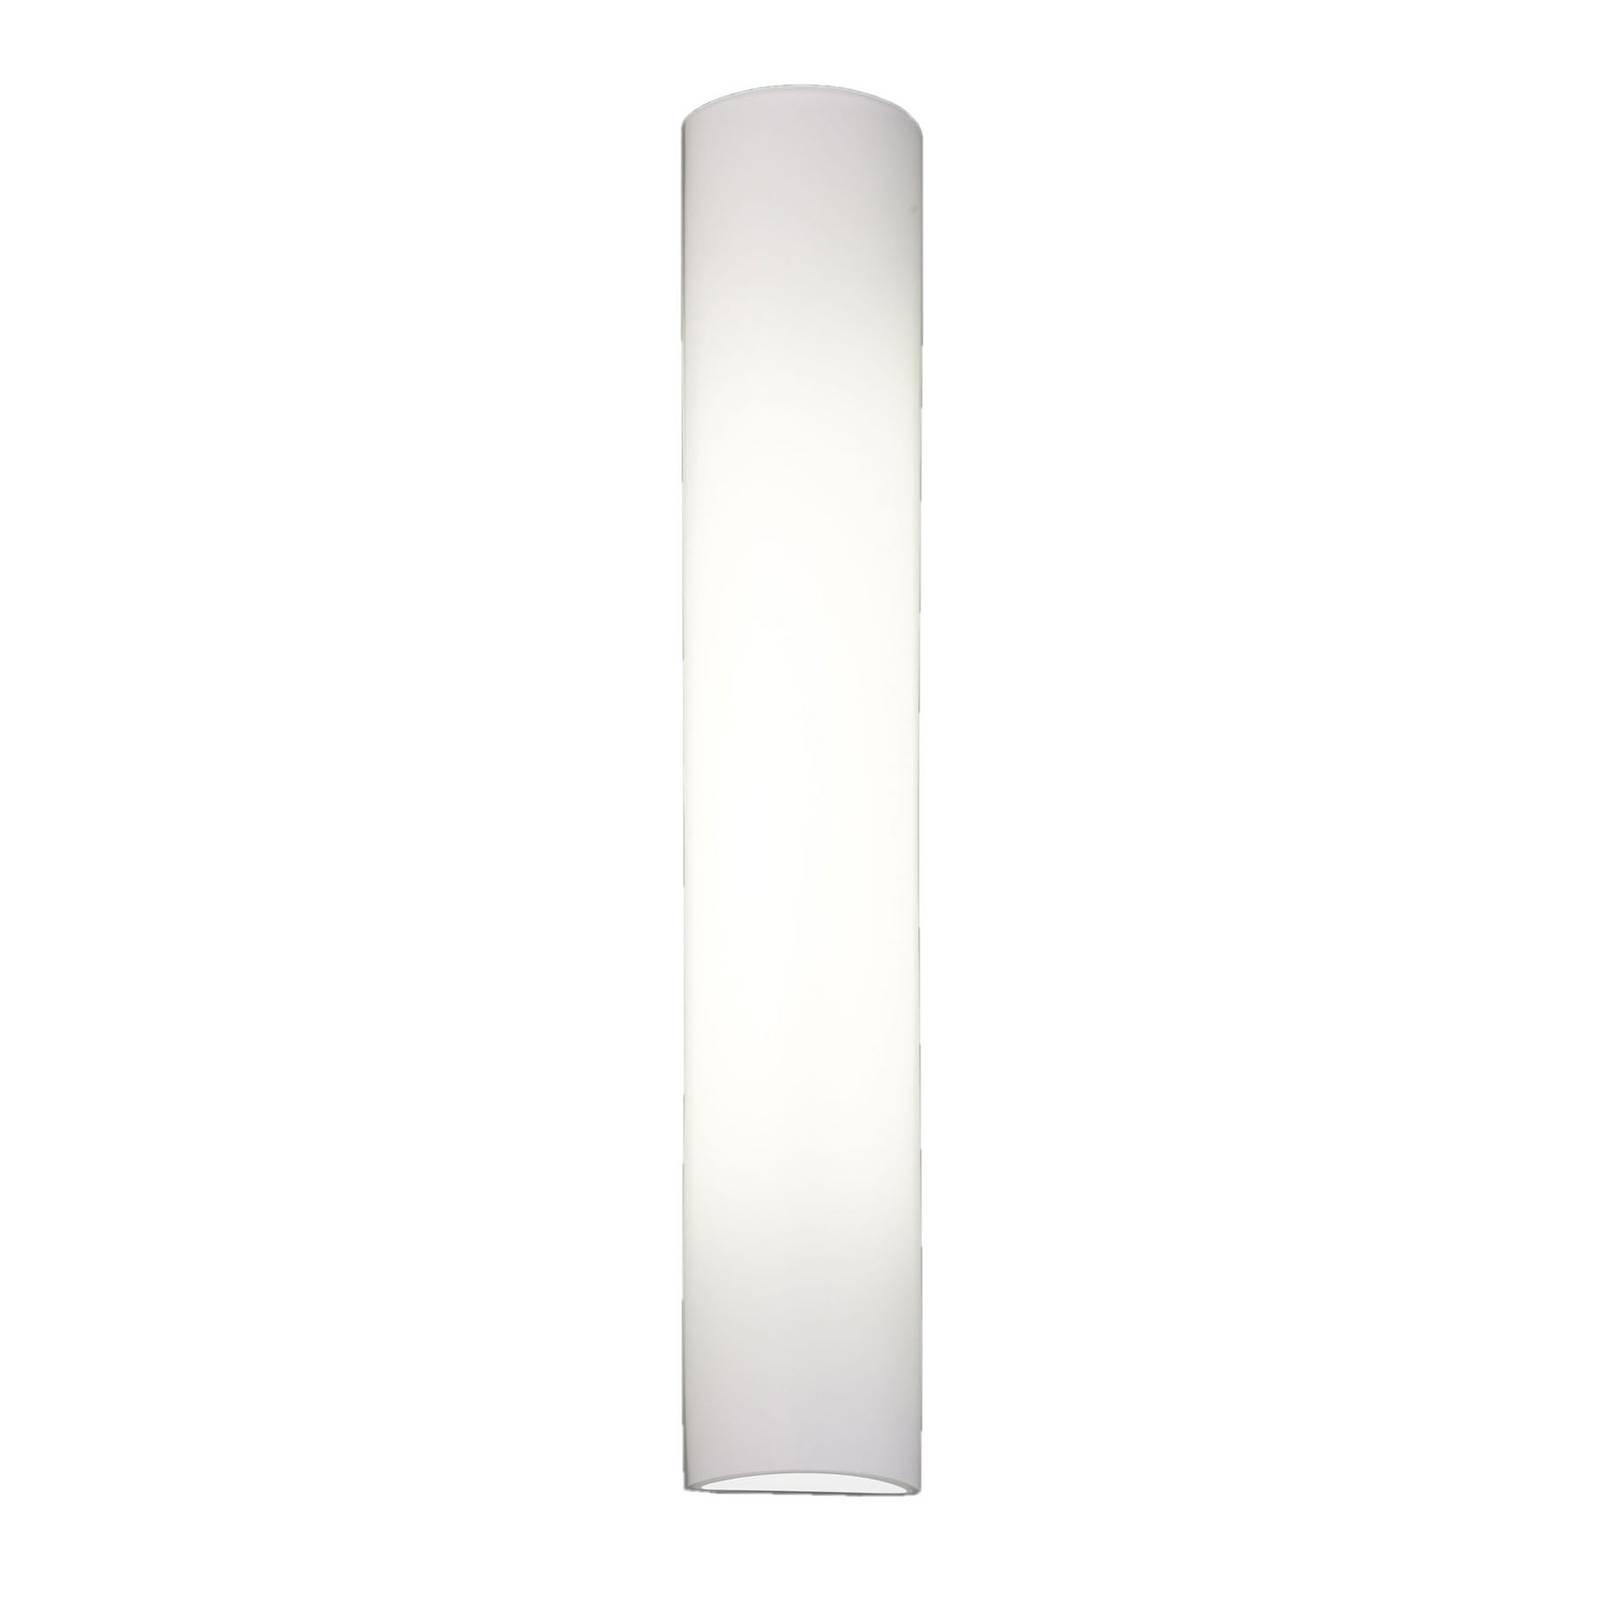 BANKAMP Cromo applique LED en verre, 40cm